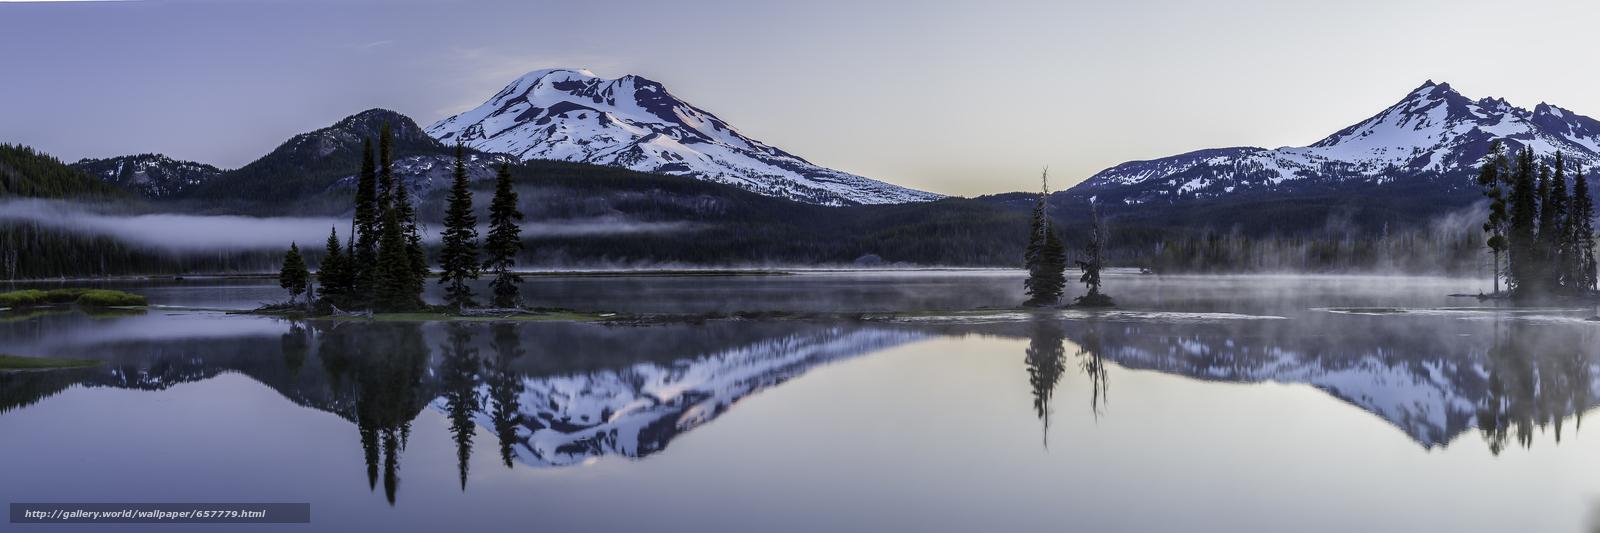 scaricare gli sfondi Lago Sparks,  Deschutes County,  Oregon,  panorama Sfondi gratis per la risoluzione del desktop 8494x2831 — immagine №657779